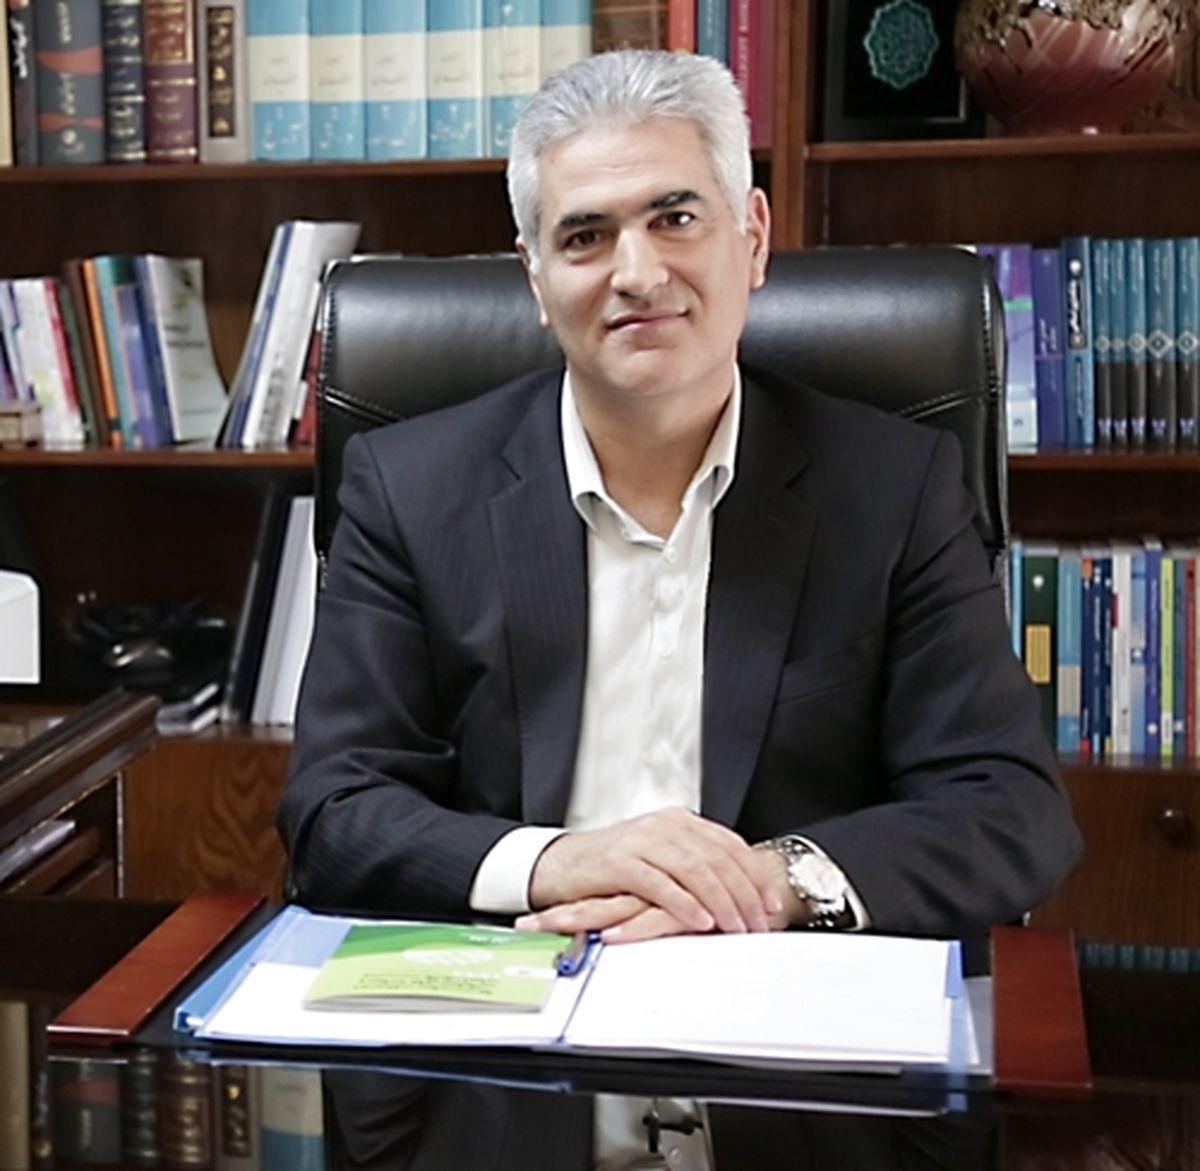 پیام دکتربهزاد شیری مدیرعامل پست بانک ایران به مناسبت مبعث حضرت رسول اکرم(ص)